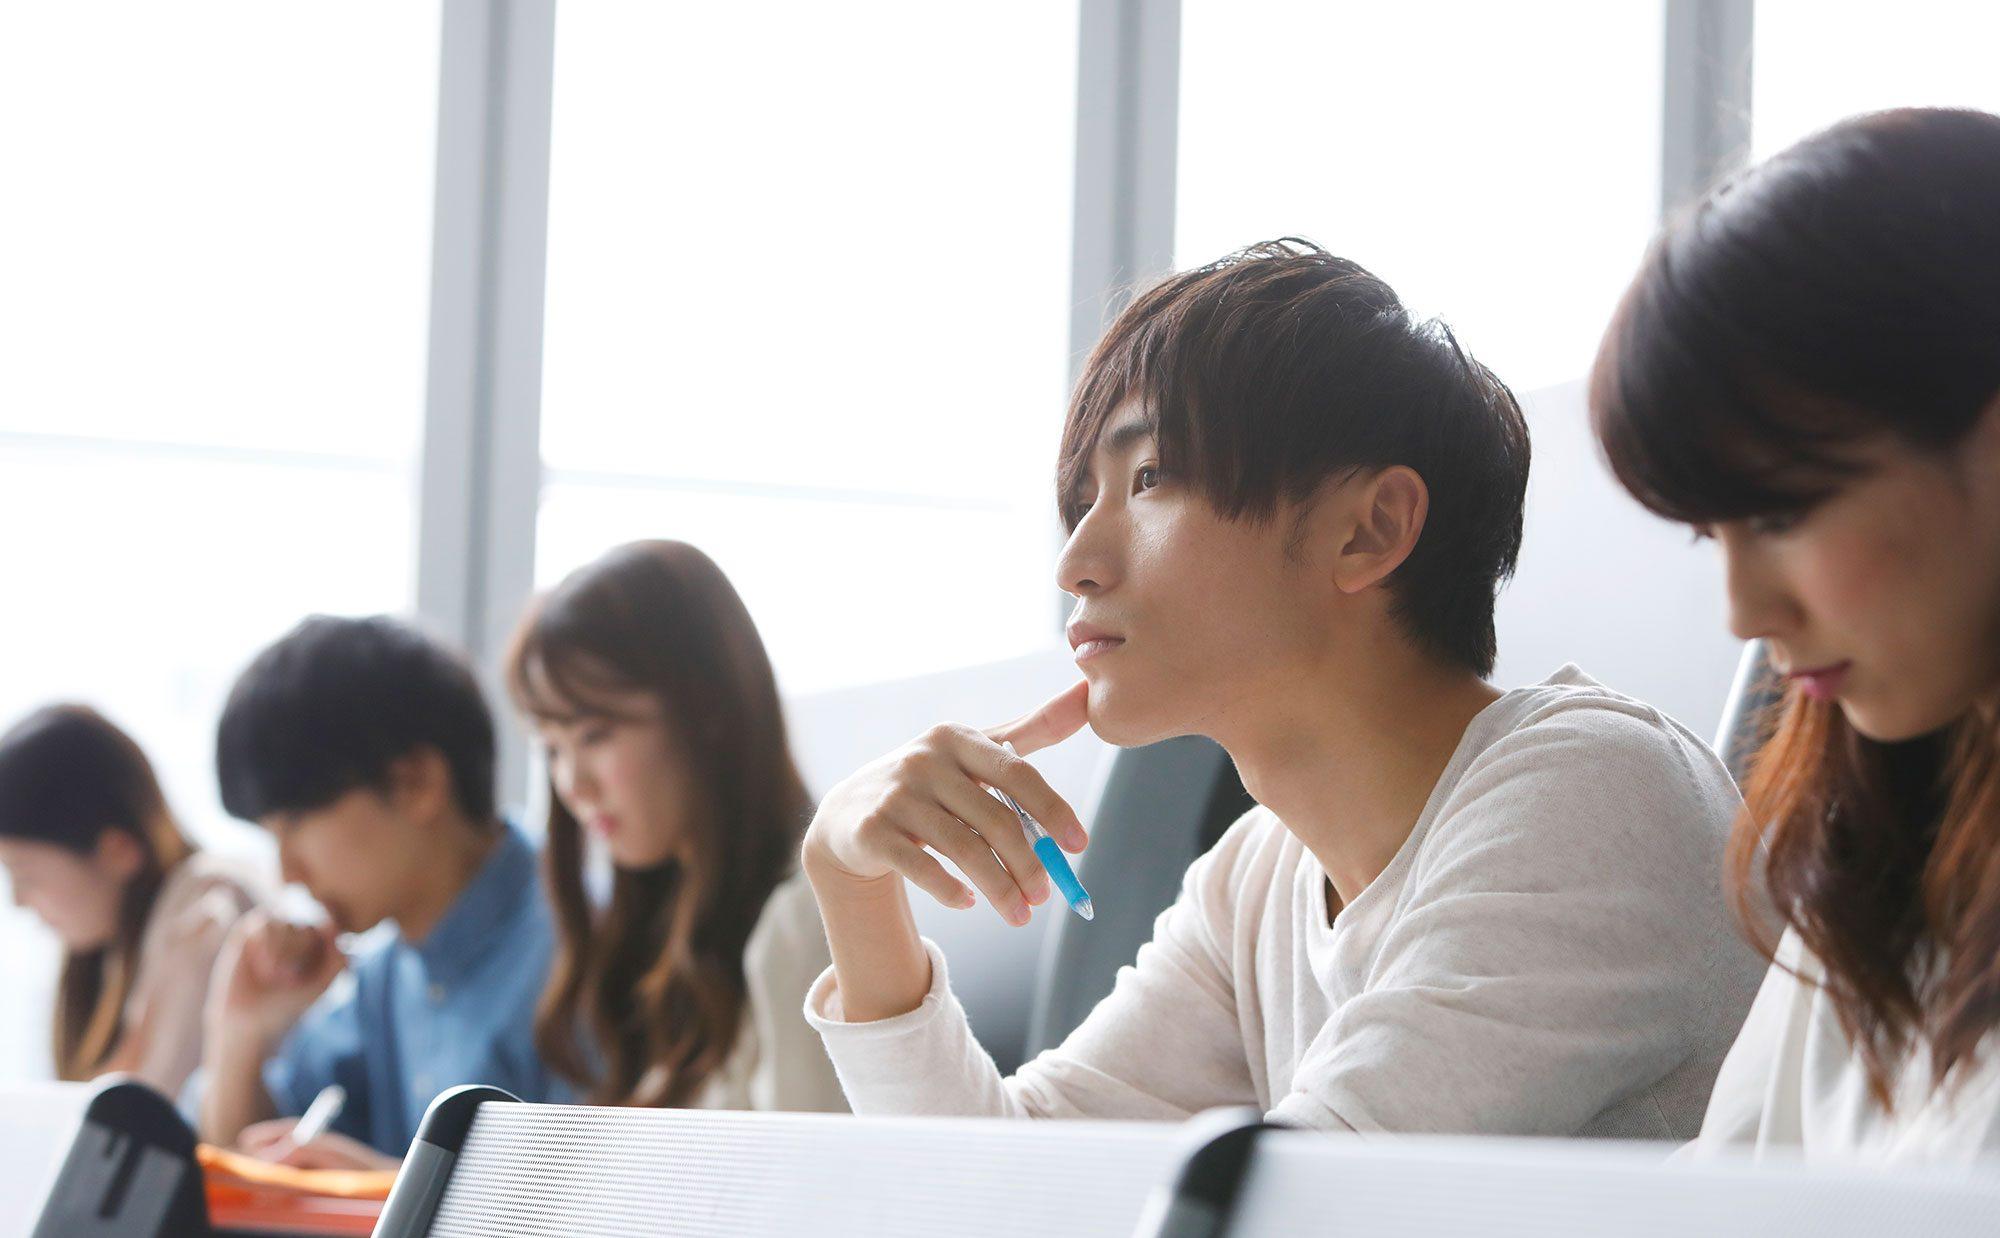 日本 大学 行くべきかどうか